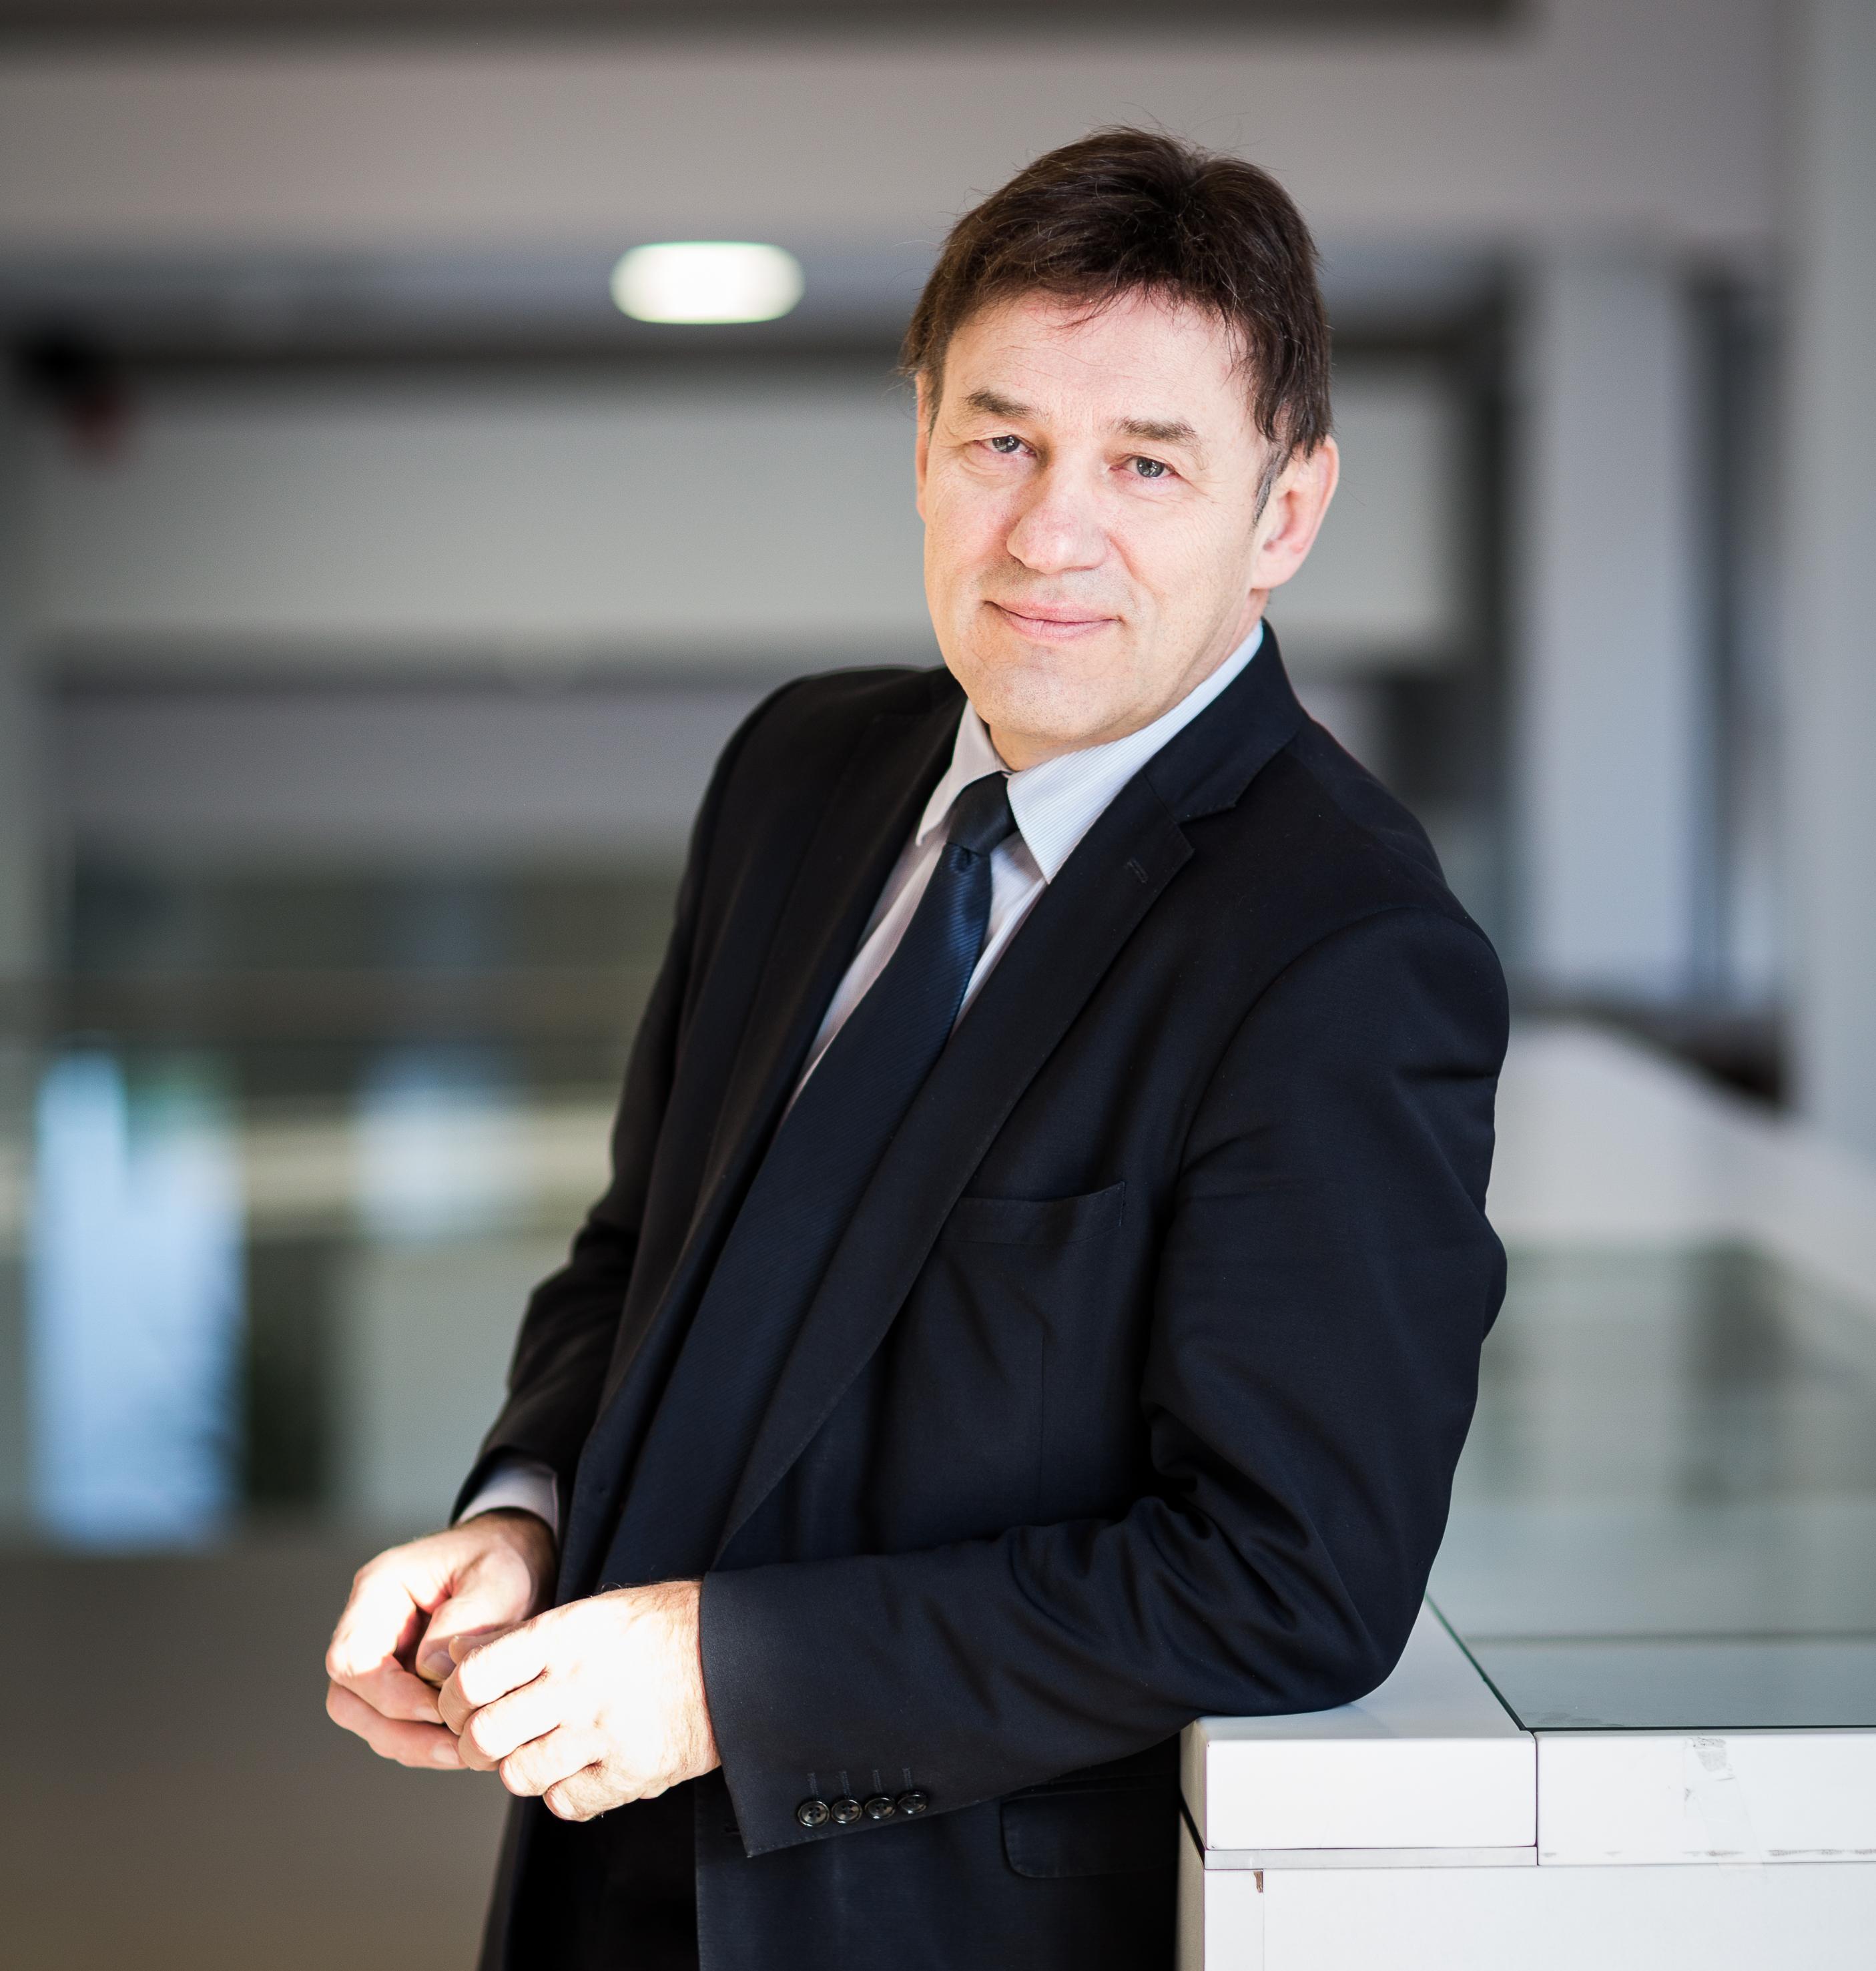 Juozas Augutis by Remigijus Ščerbauskas